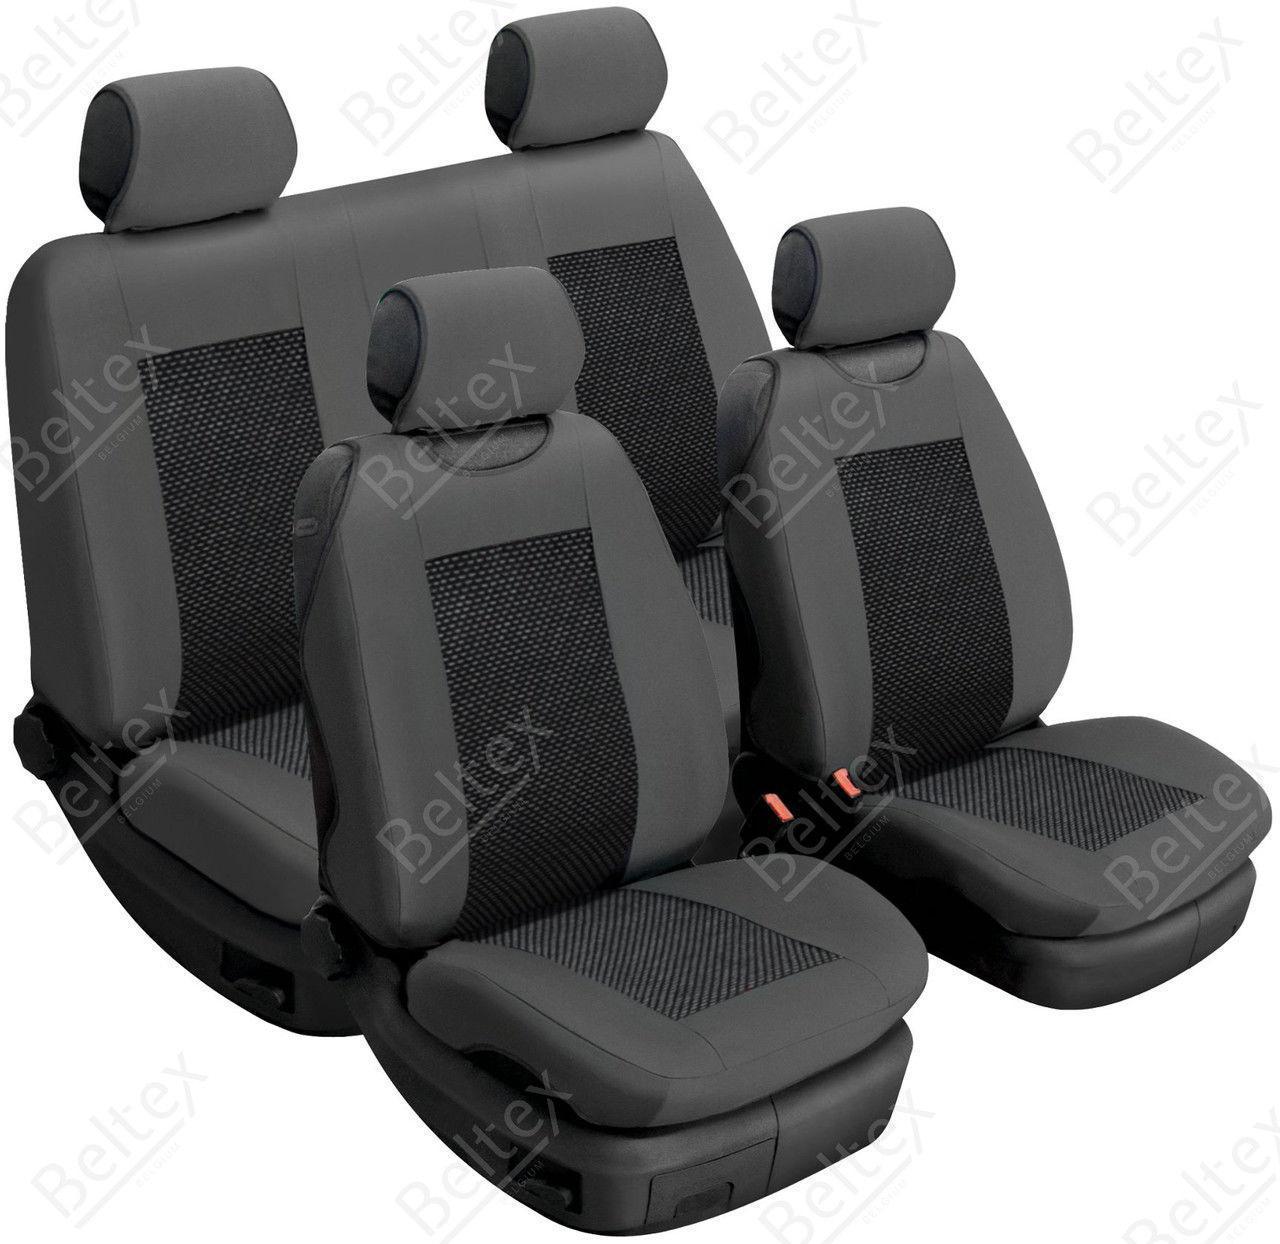 Майки/чехлы на сиденья Вольво В40 (Volvo V40)